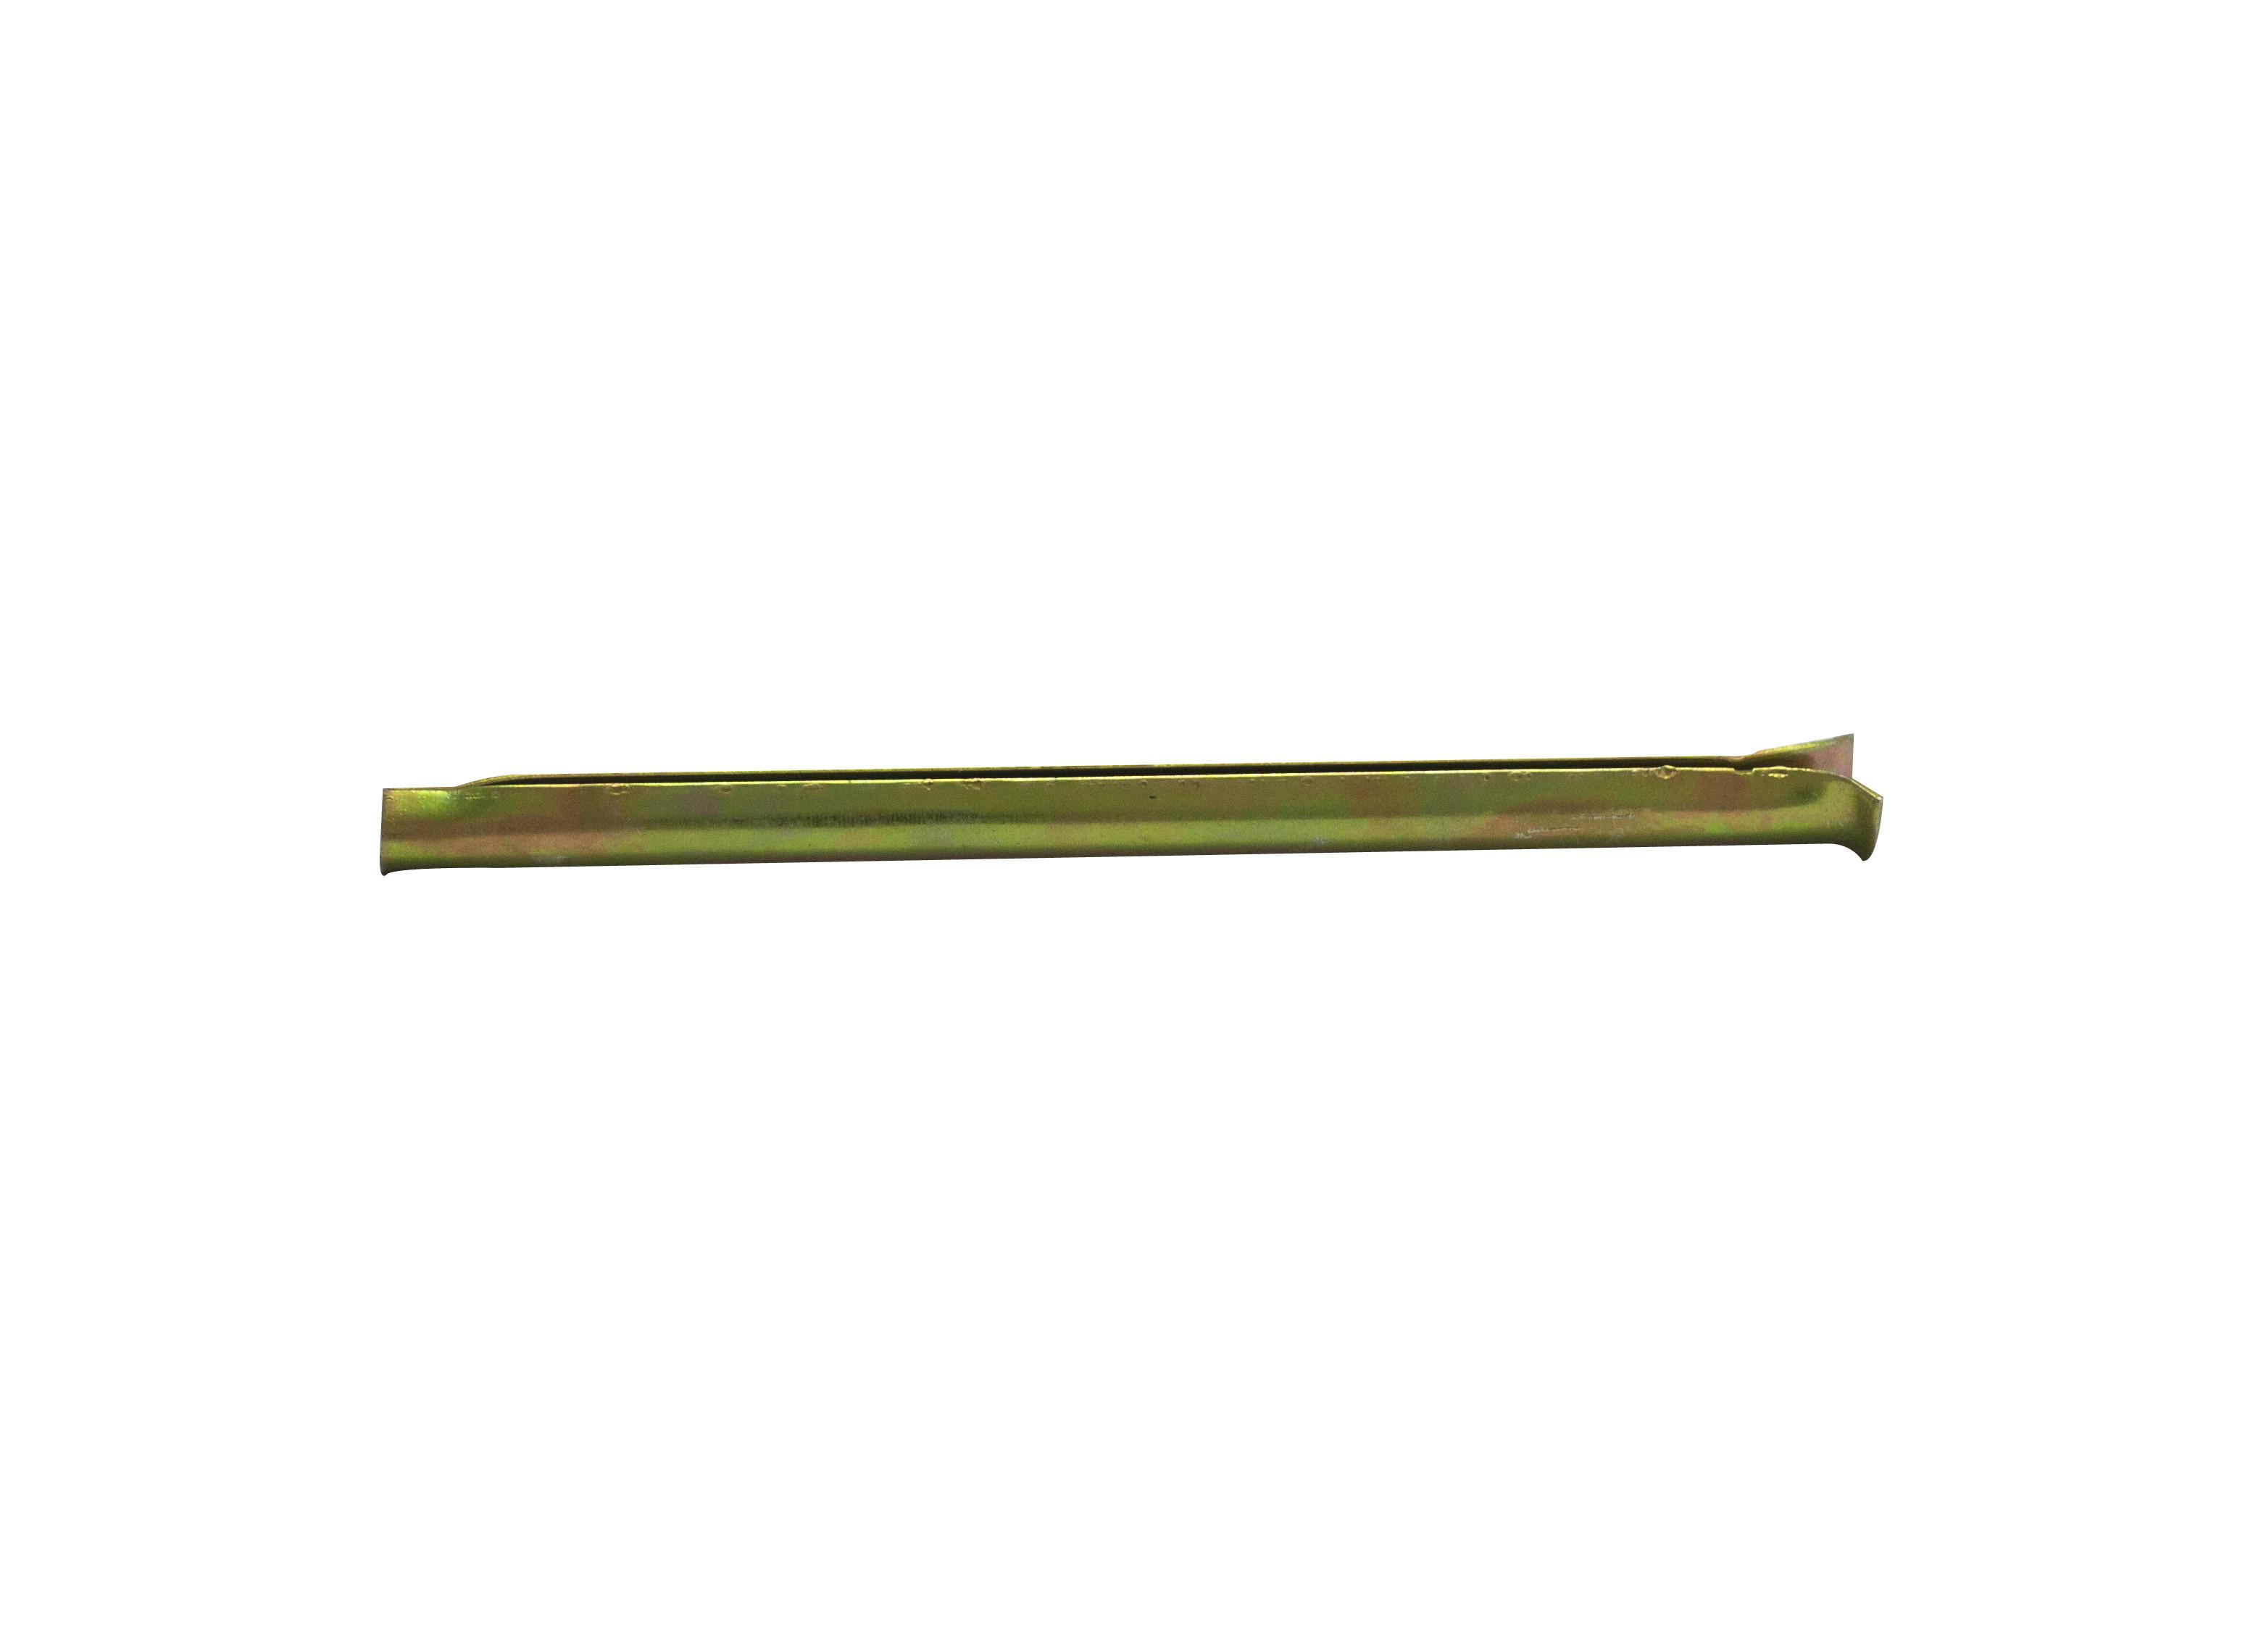 Rawl Trade Express Nail 8x130 (10pcs)